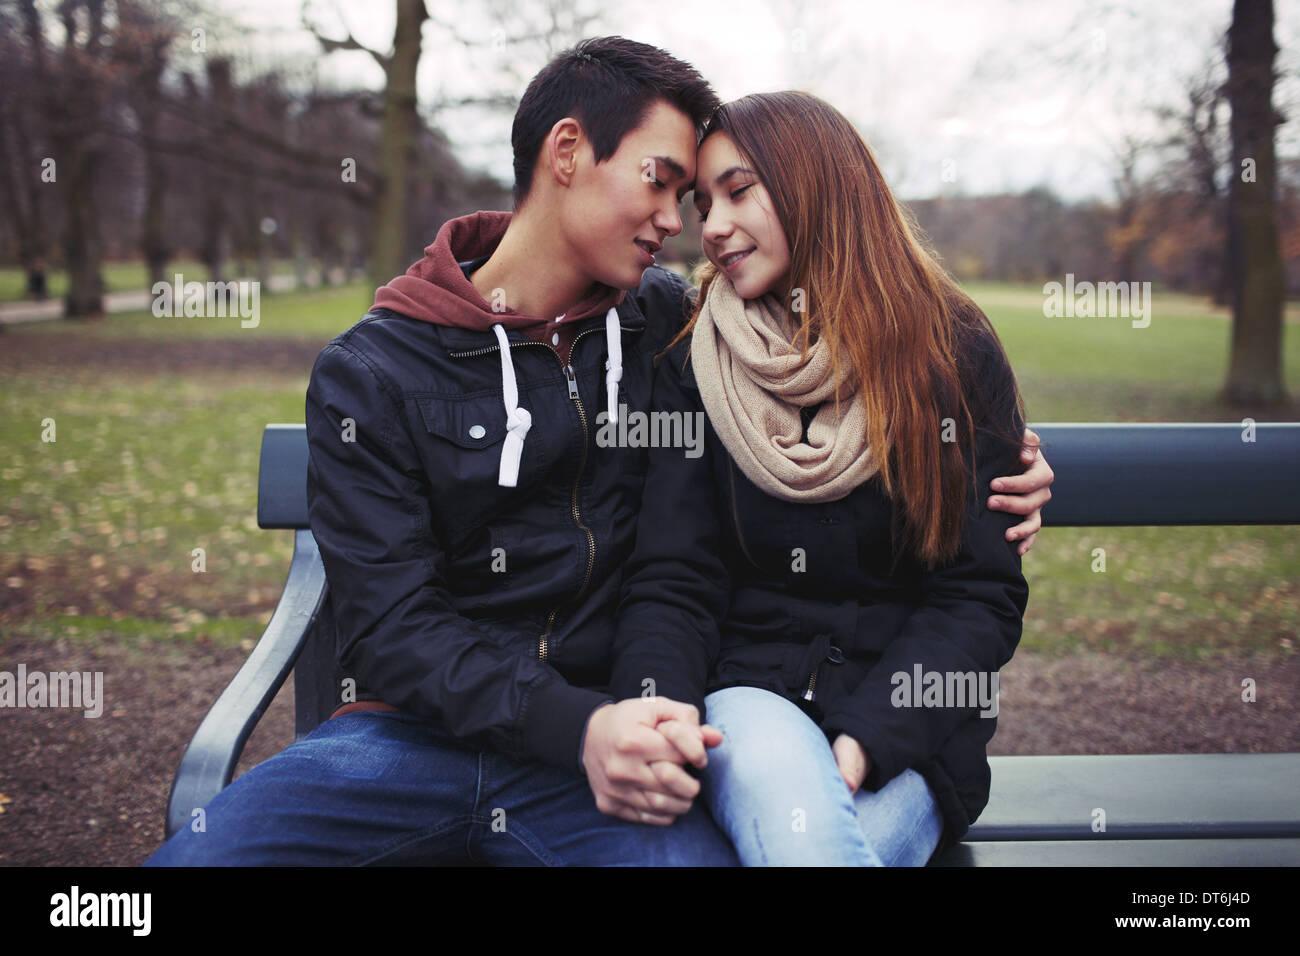 Jeune couple partage un moment de tendresse alors qu'il était assis sur un banc de parc. Teenage asian couple en extérieur dans le parc. Photo Stock